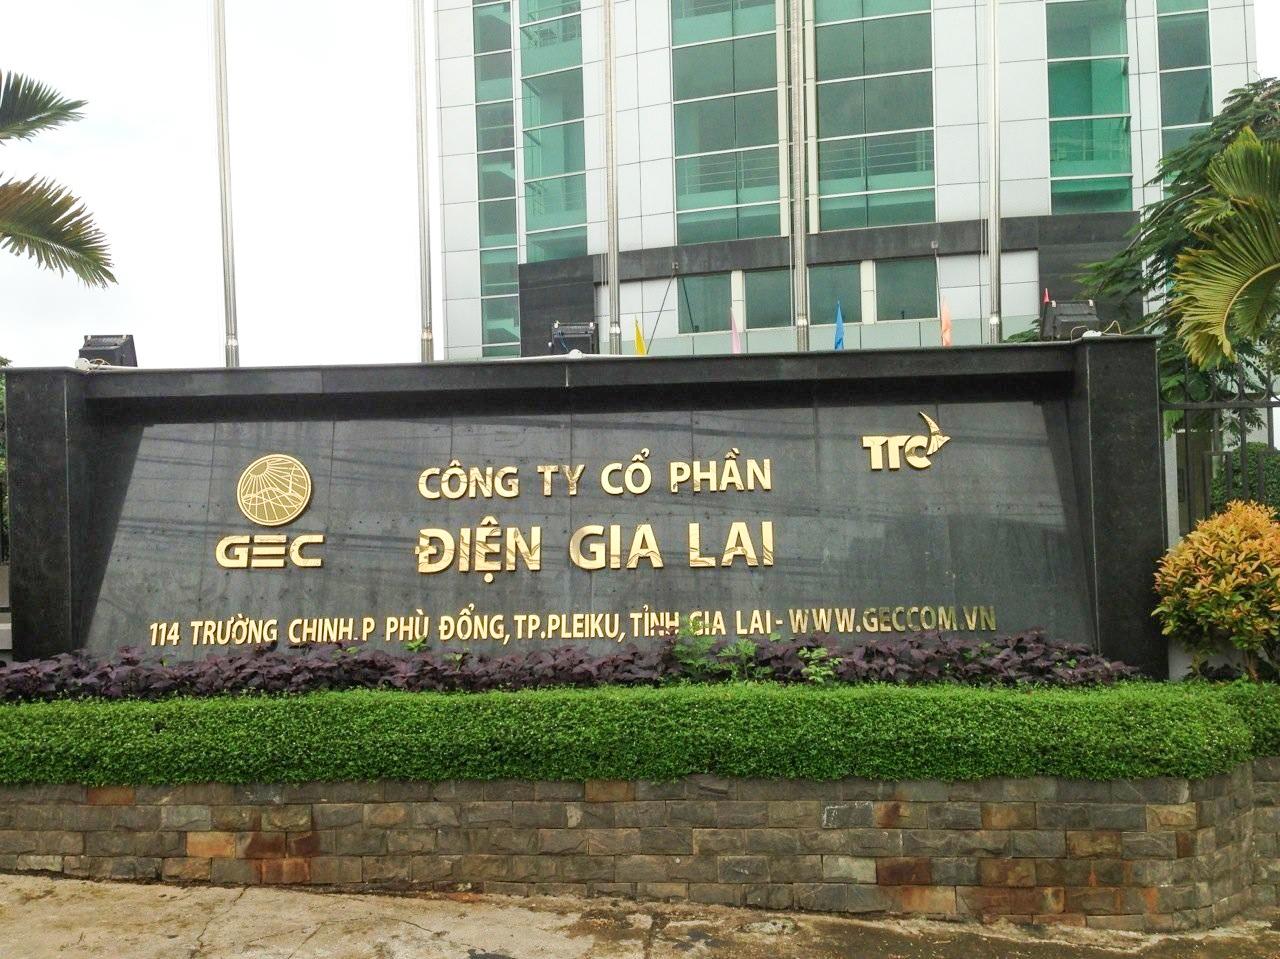 GEG đưa 204 triệu cổ phiếu lên giao dịch tại sàn HoSE vào 19/9